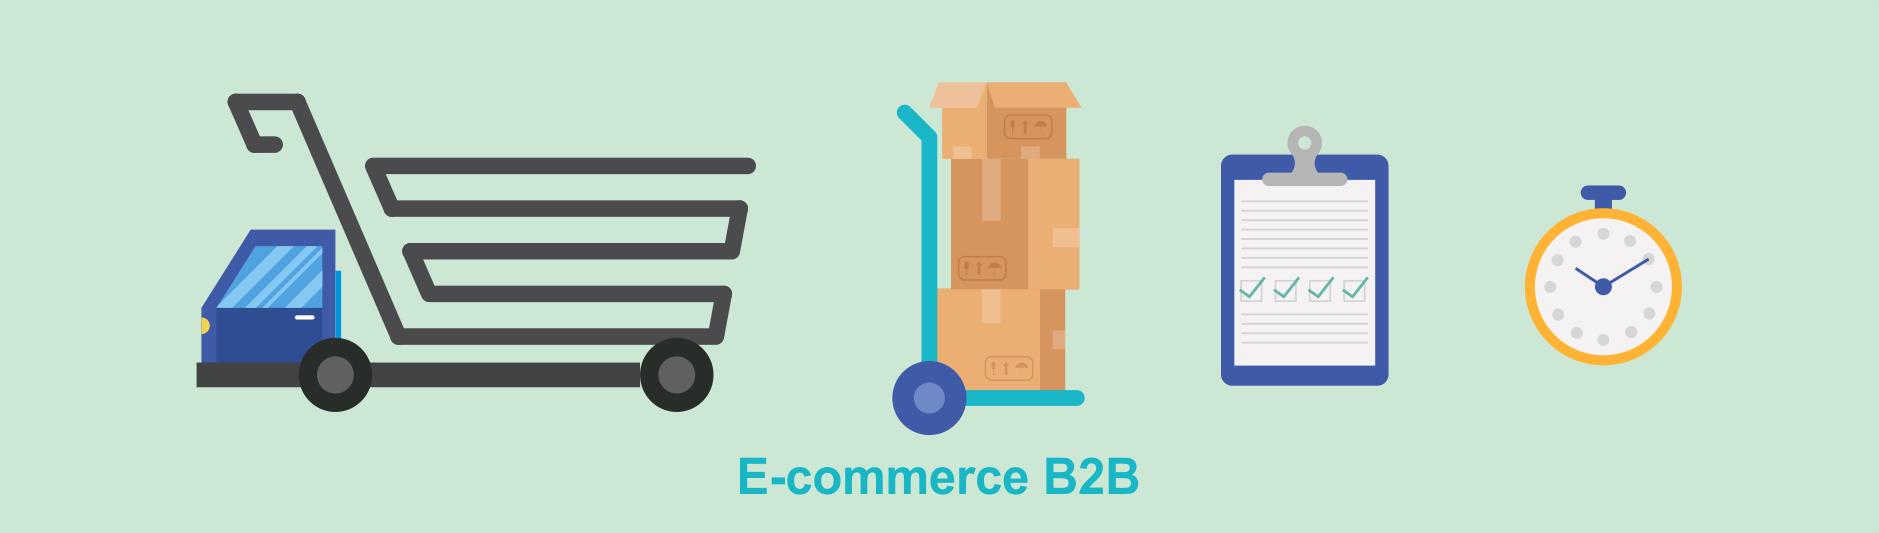 O Comércio online B2B está crescendo e pode ser uma ótima oportunidade para sua empresa